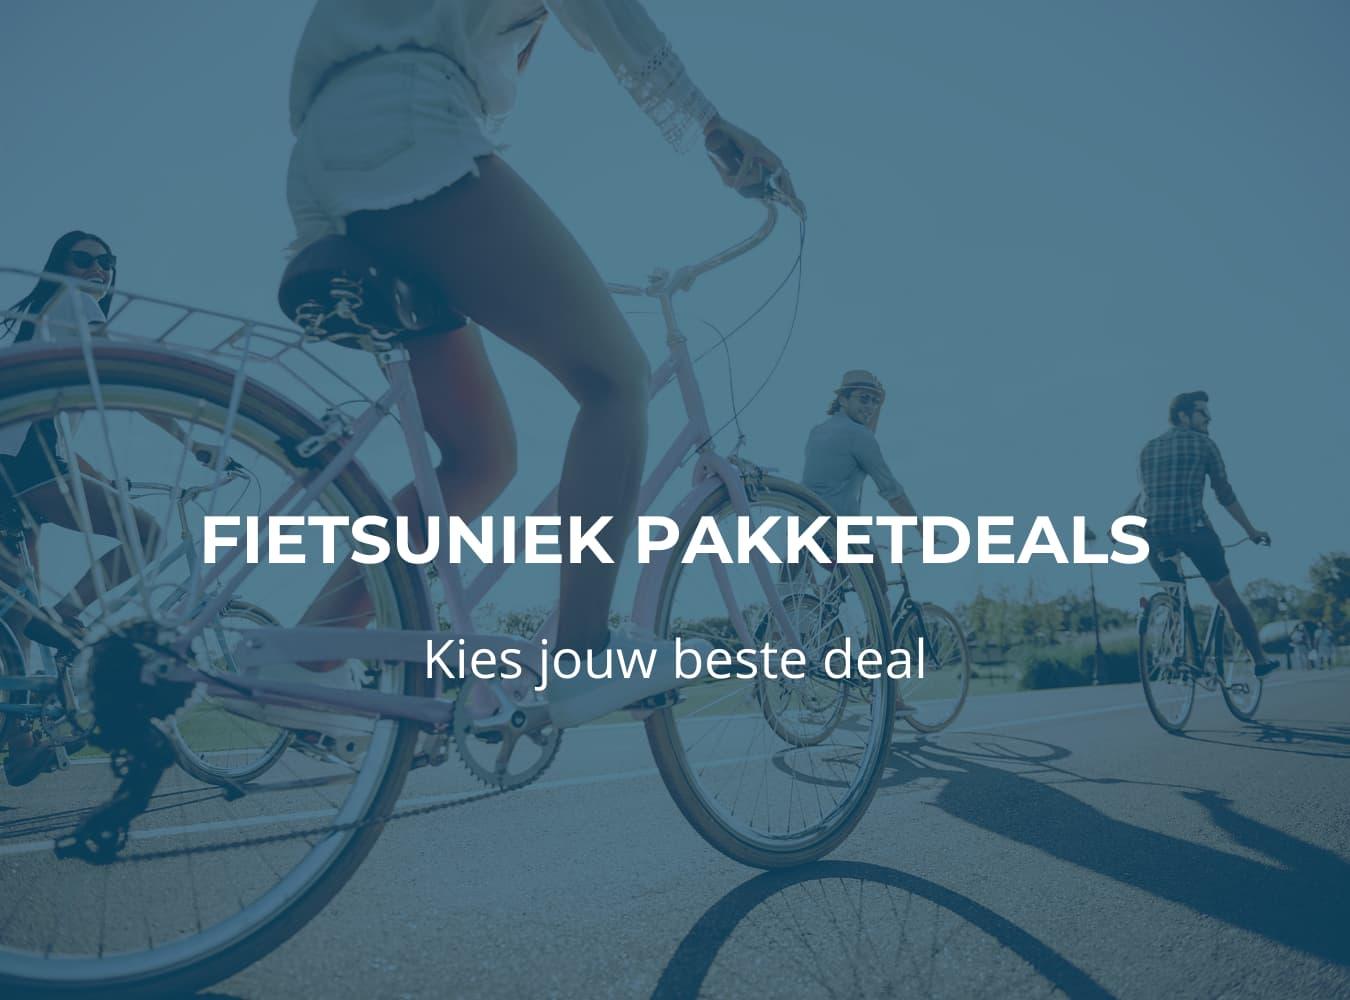 Fiets online bestellen bij Fietsuniek.nl. Boek meteen je fietsservice tegen een scherpe prijs.